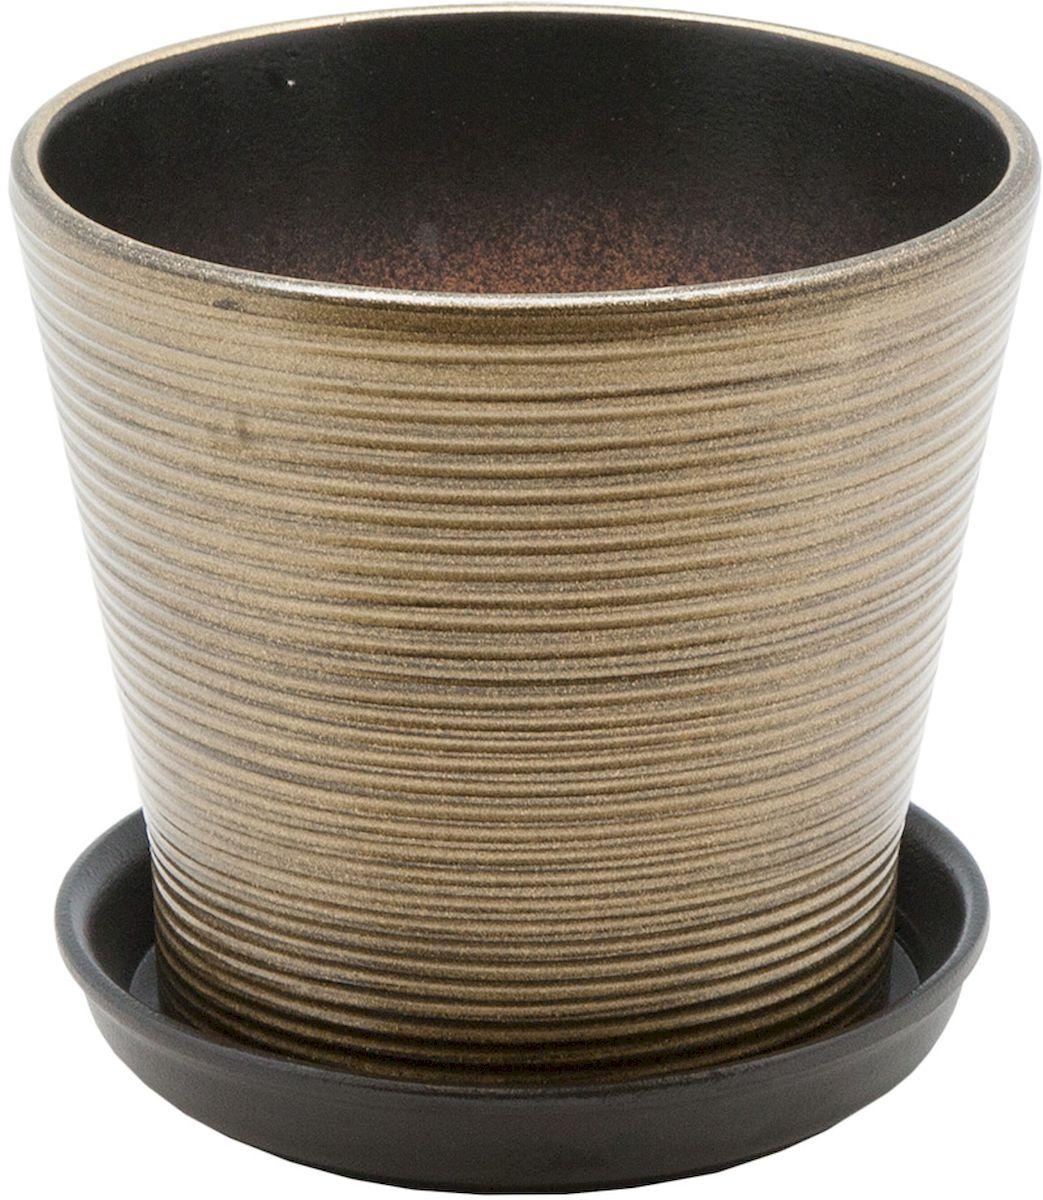 Горшок цветочный Engard, с поддоном, цвет: бронзовый глянцевый, 1,8 л531-402Керамический горшок - это идеальное решение для выращивания комнатных растений и создания изысканности в интерьере. Керамический горшок сделан из высококачественной глины в классической форме и оригинальном дизайне.